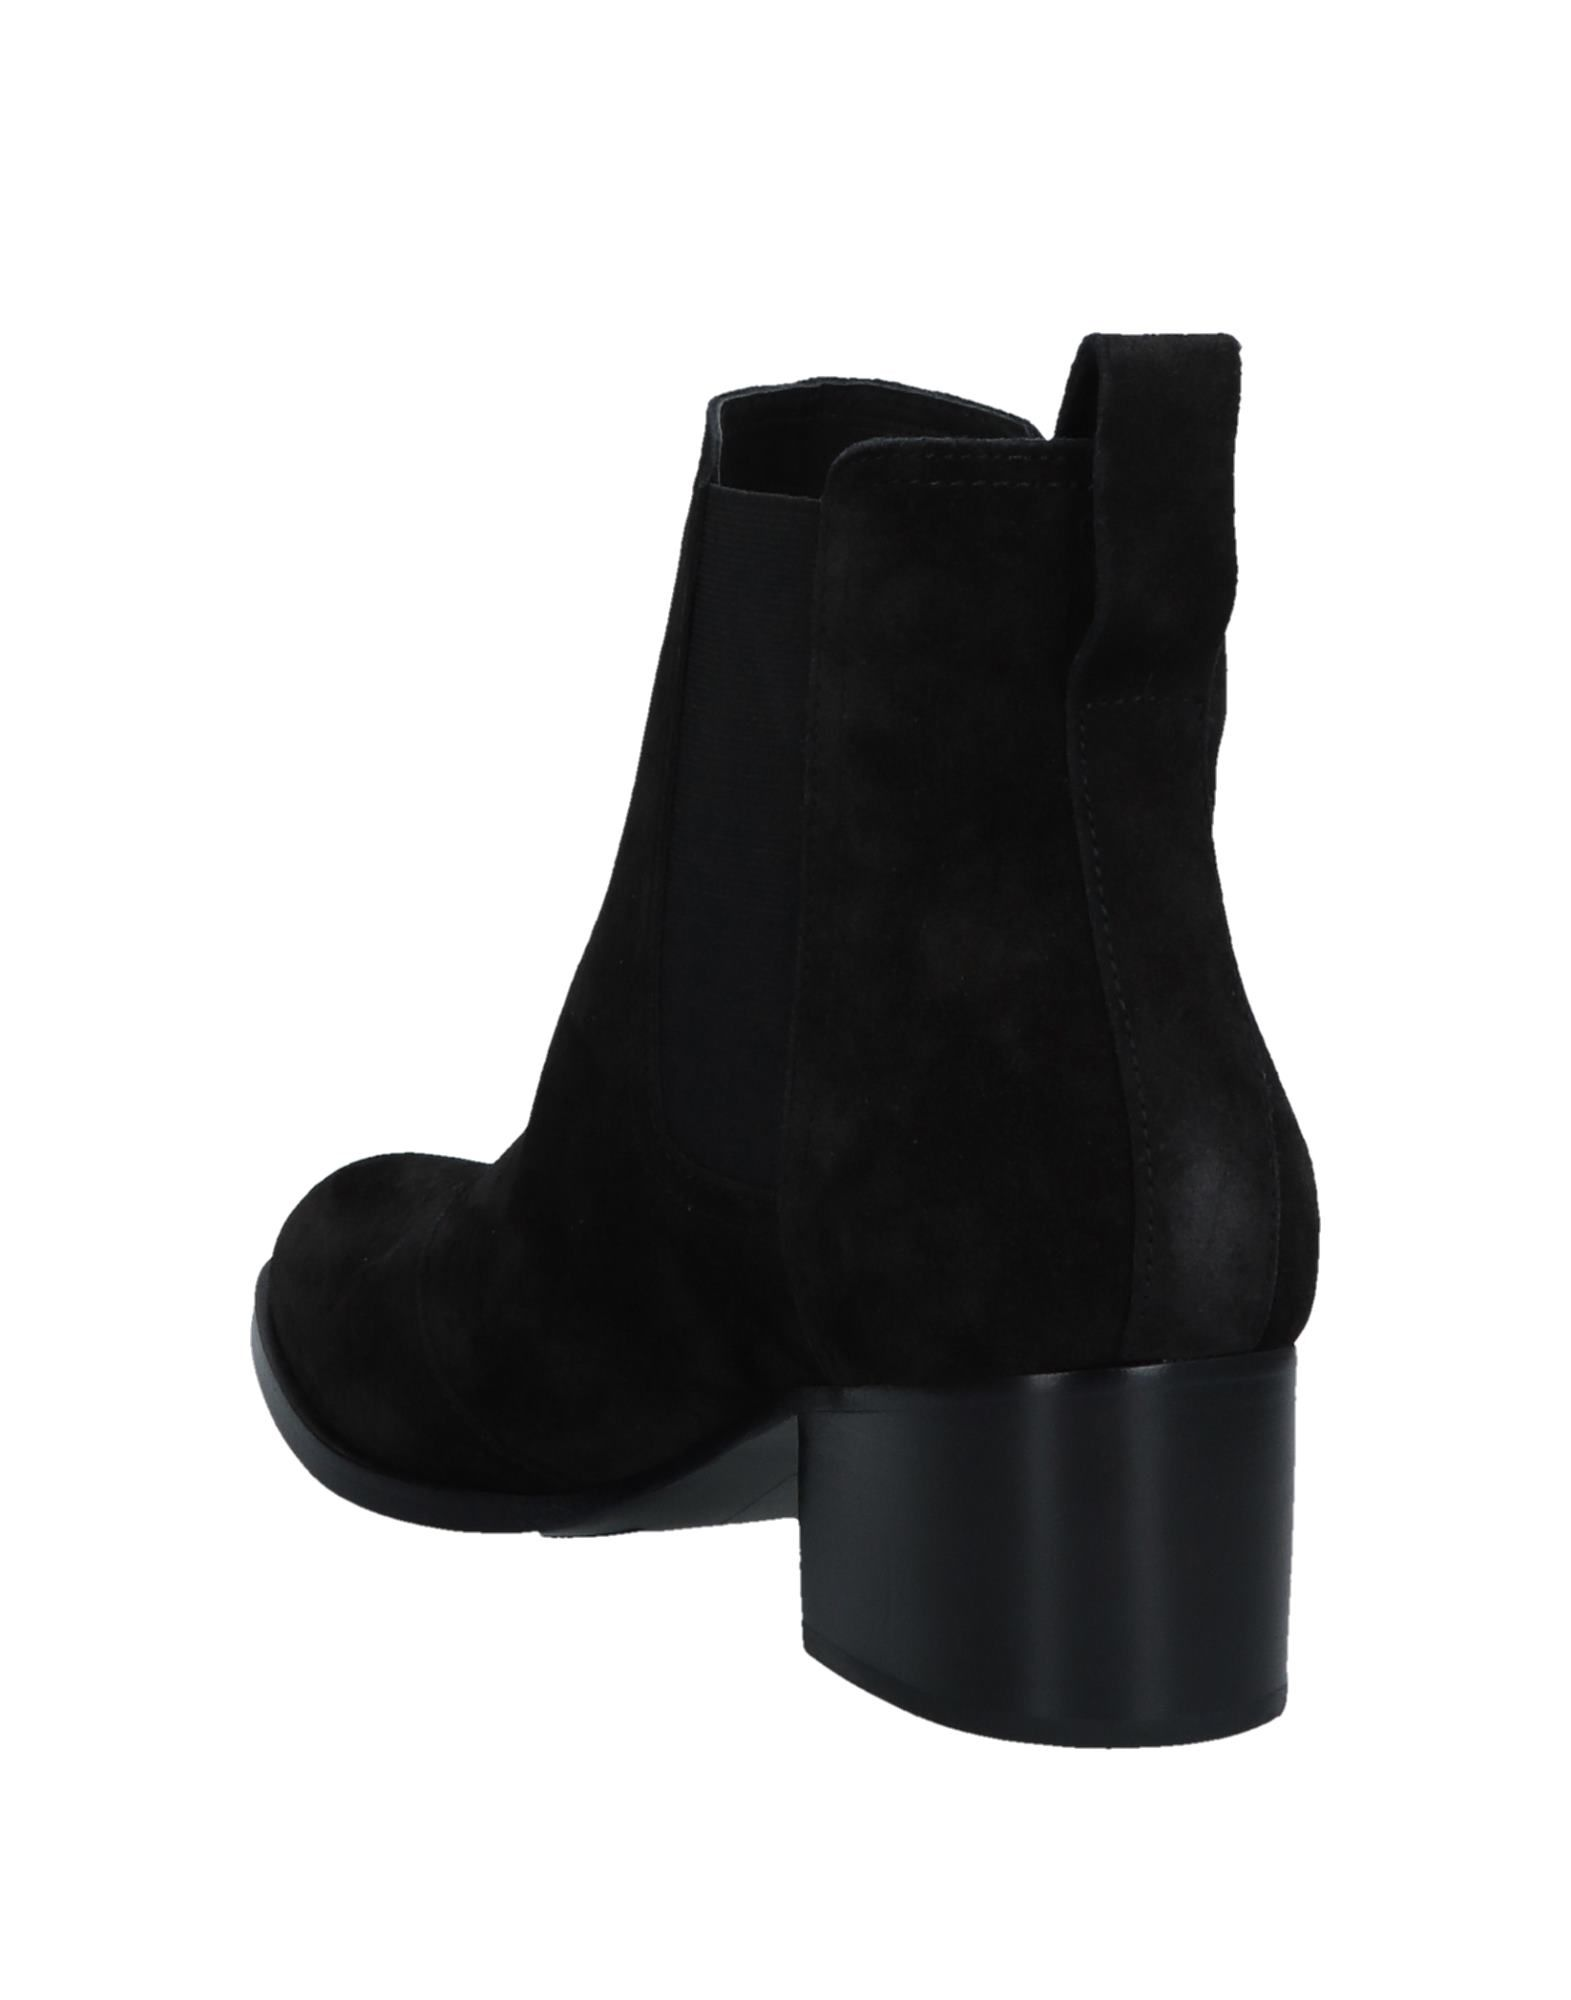 Rag & Bone lohnt Chelsea Stiefel Damen Gutes Preis-Leistungs-Verhältnis, es lohnt Bone sich 4185 8d48ba